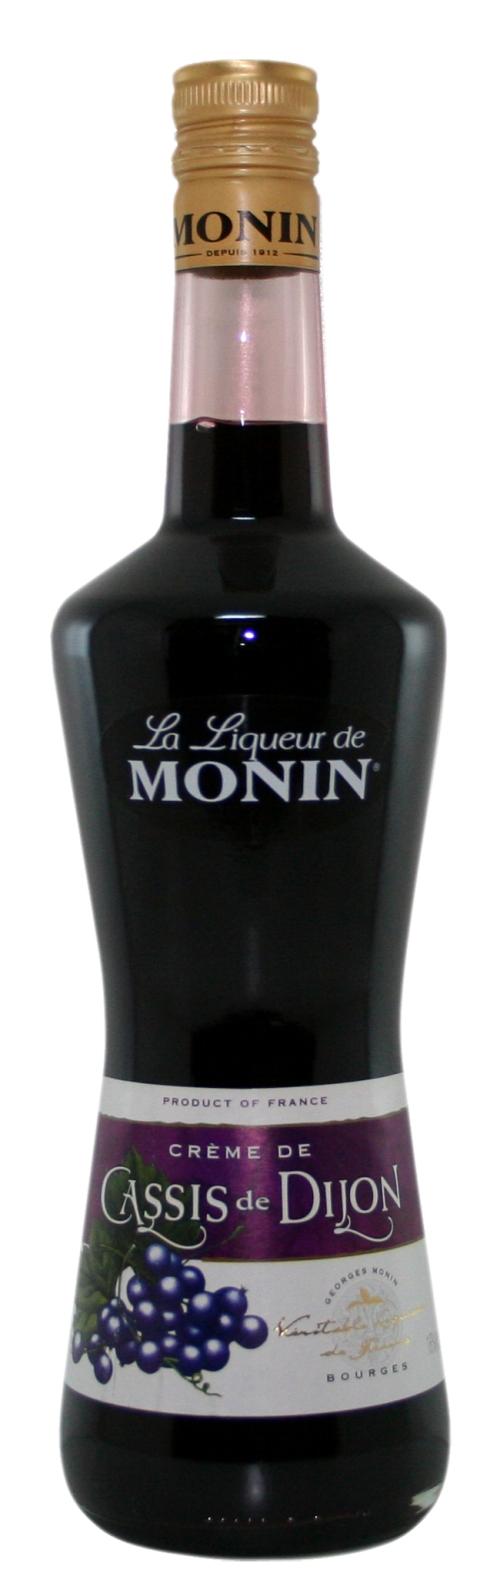 Monin-cassis-de-dijon-4375651